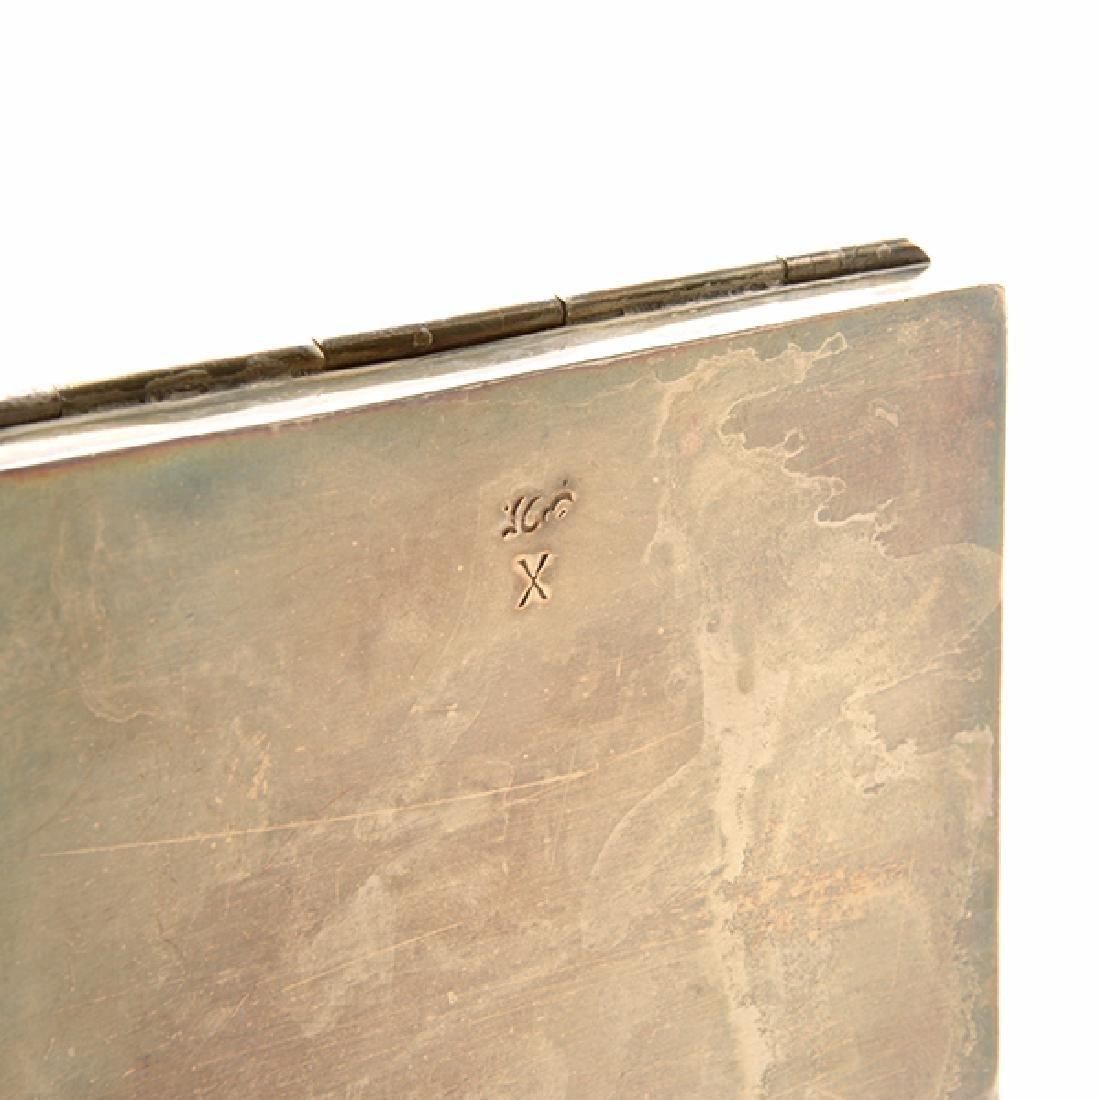 Seven Silver Snuff Boxes and Cigarette Cases - 8